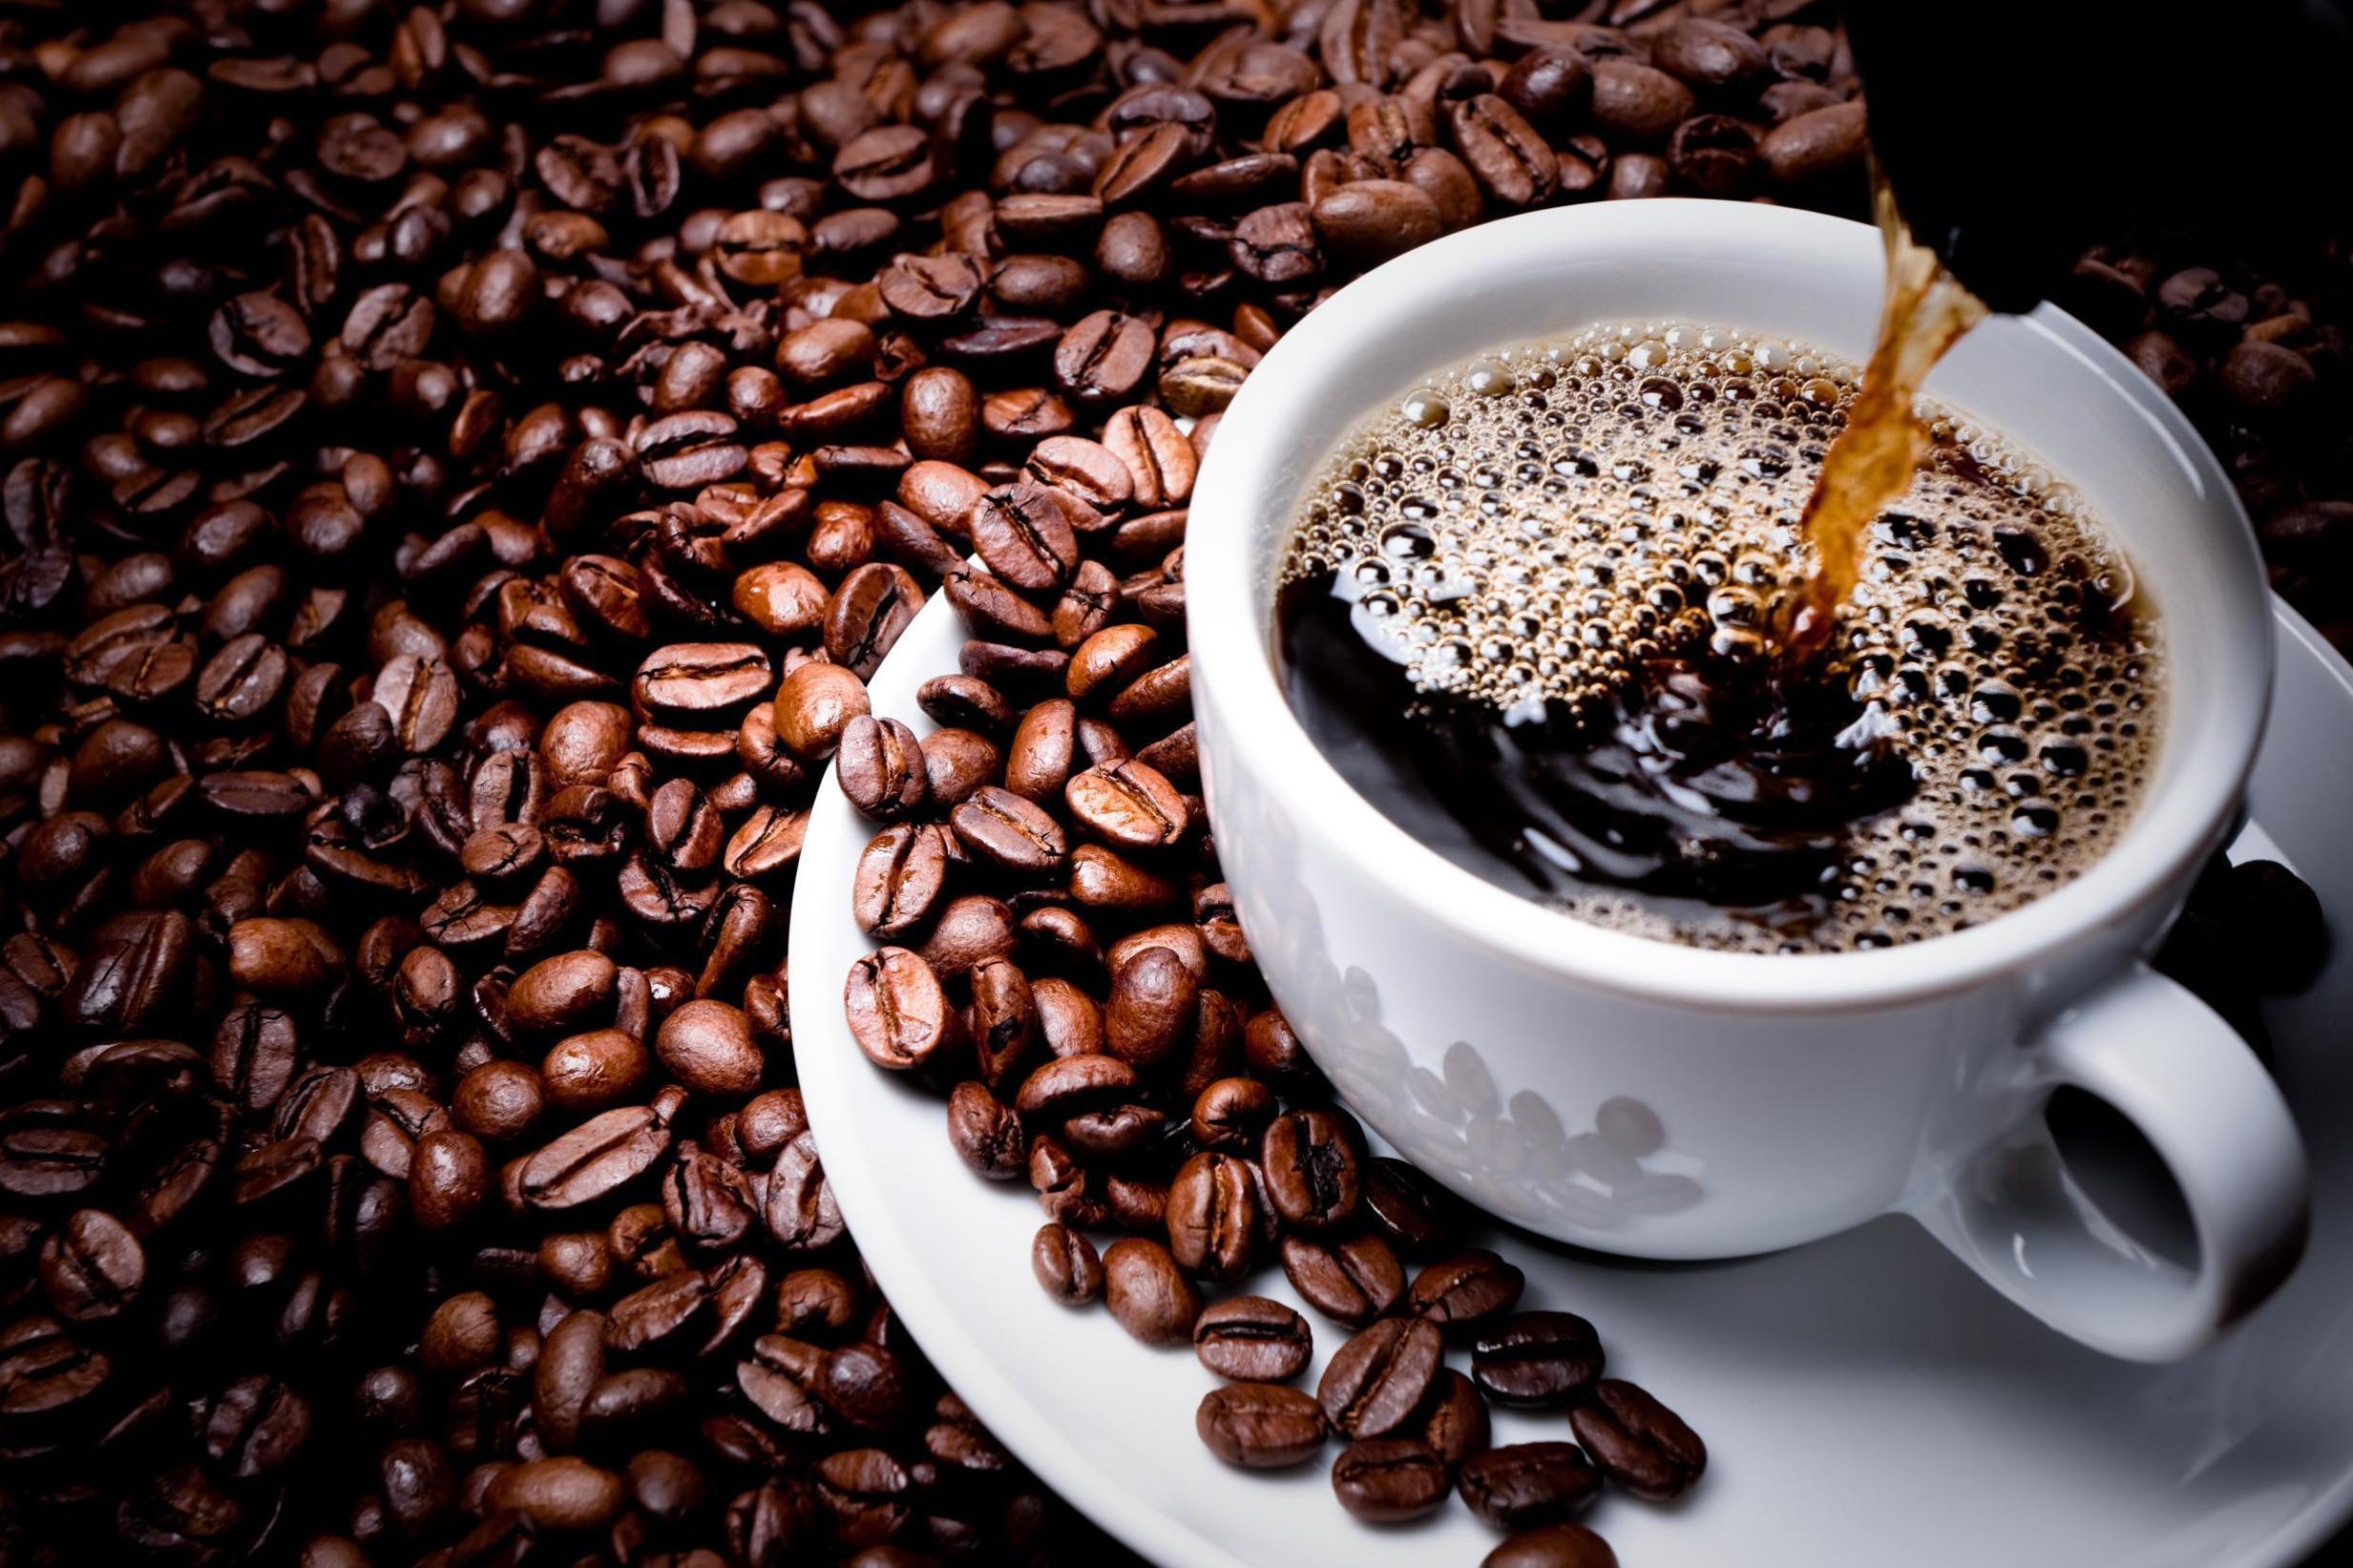 نوشیدن قهوه چه خاصیتهایی دارد؟